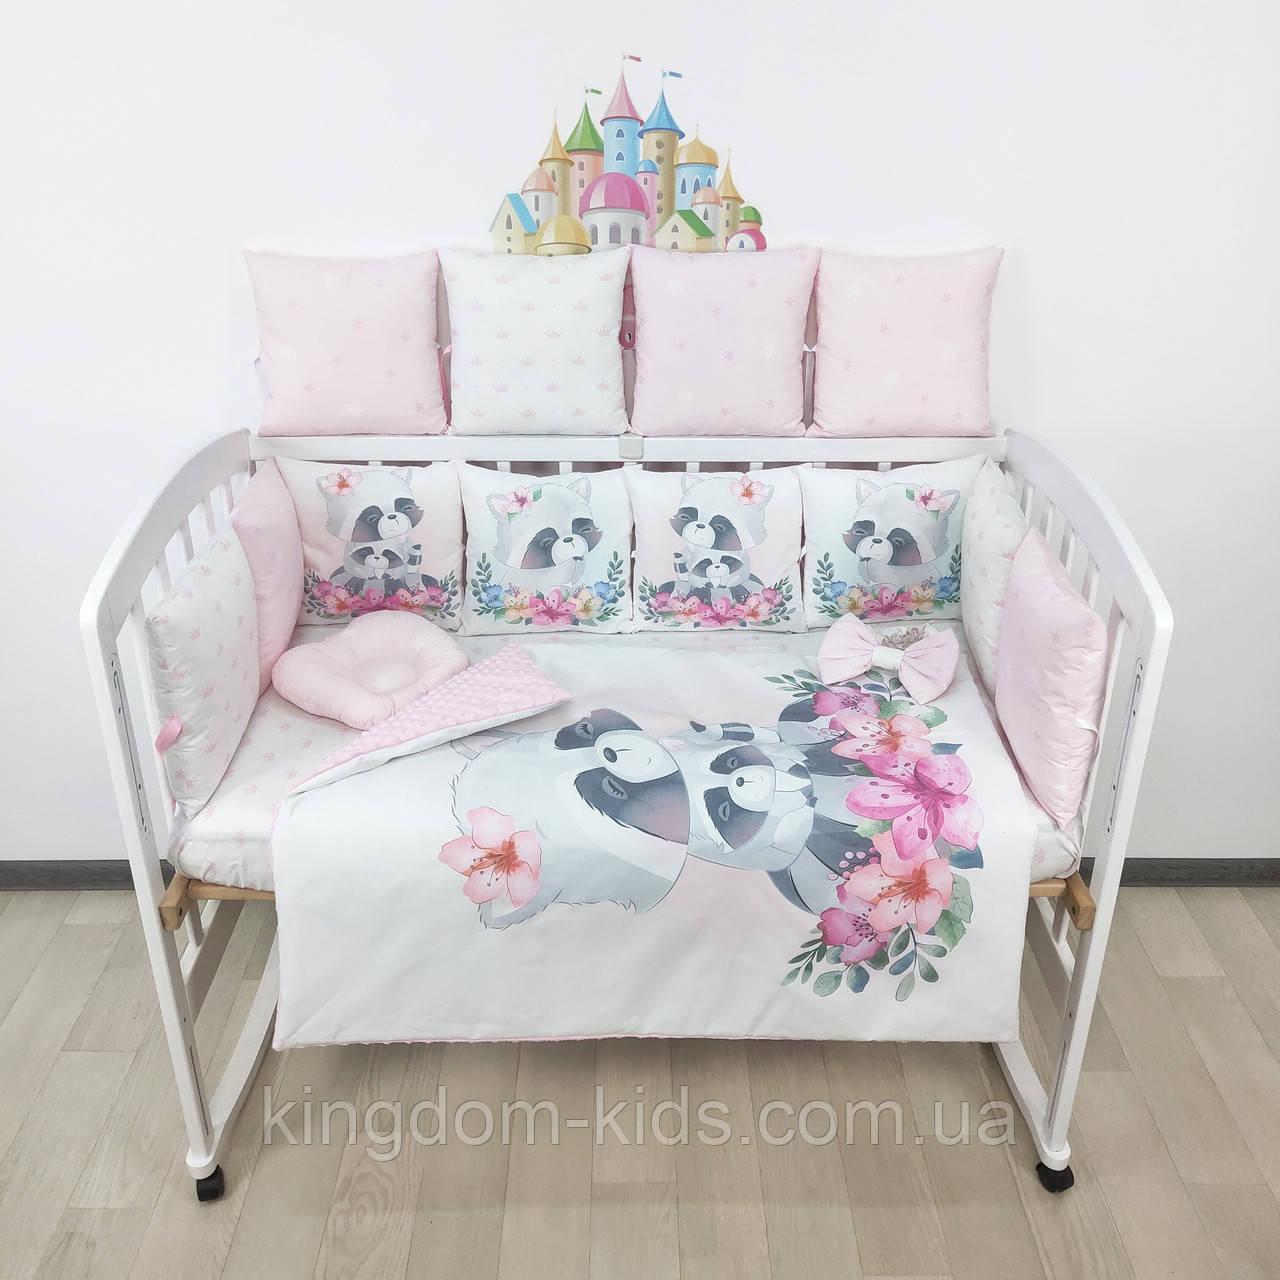 Комплект бортиков и постельного в кроватку с Енотиками и цветочками в нежно-розовых тонах